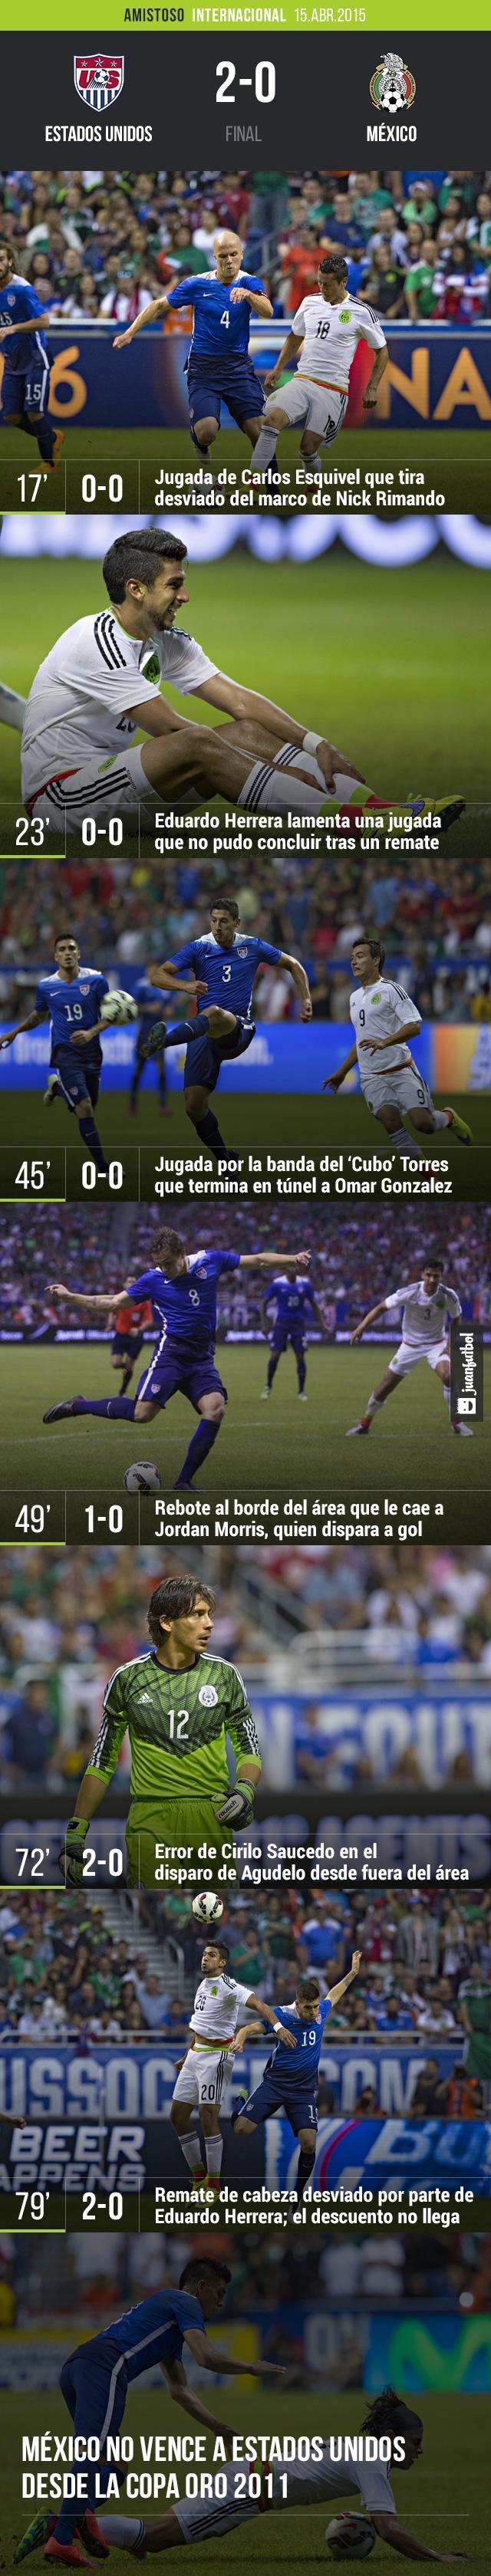 Estados Unidos 2-0 México